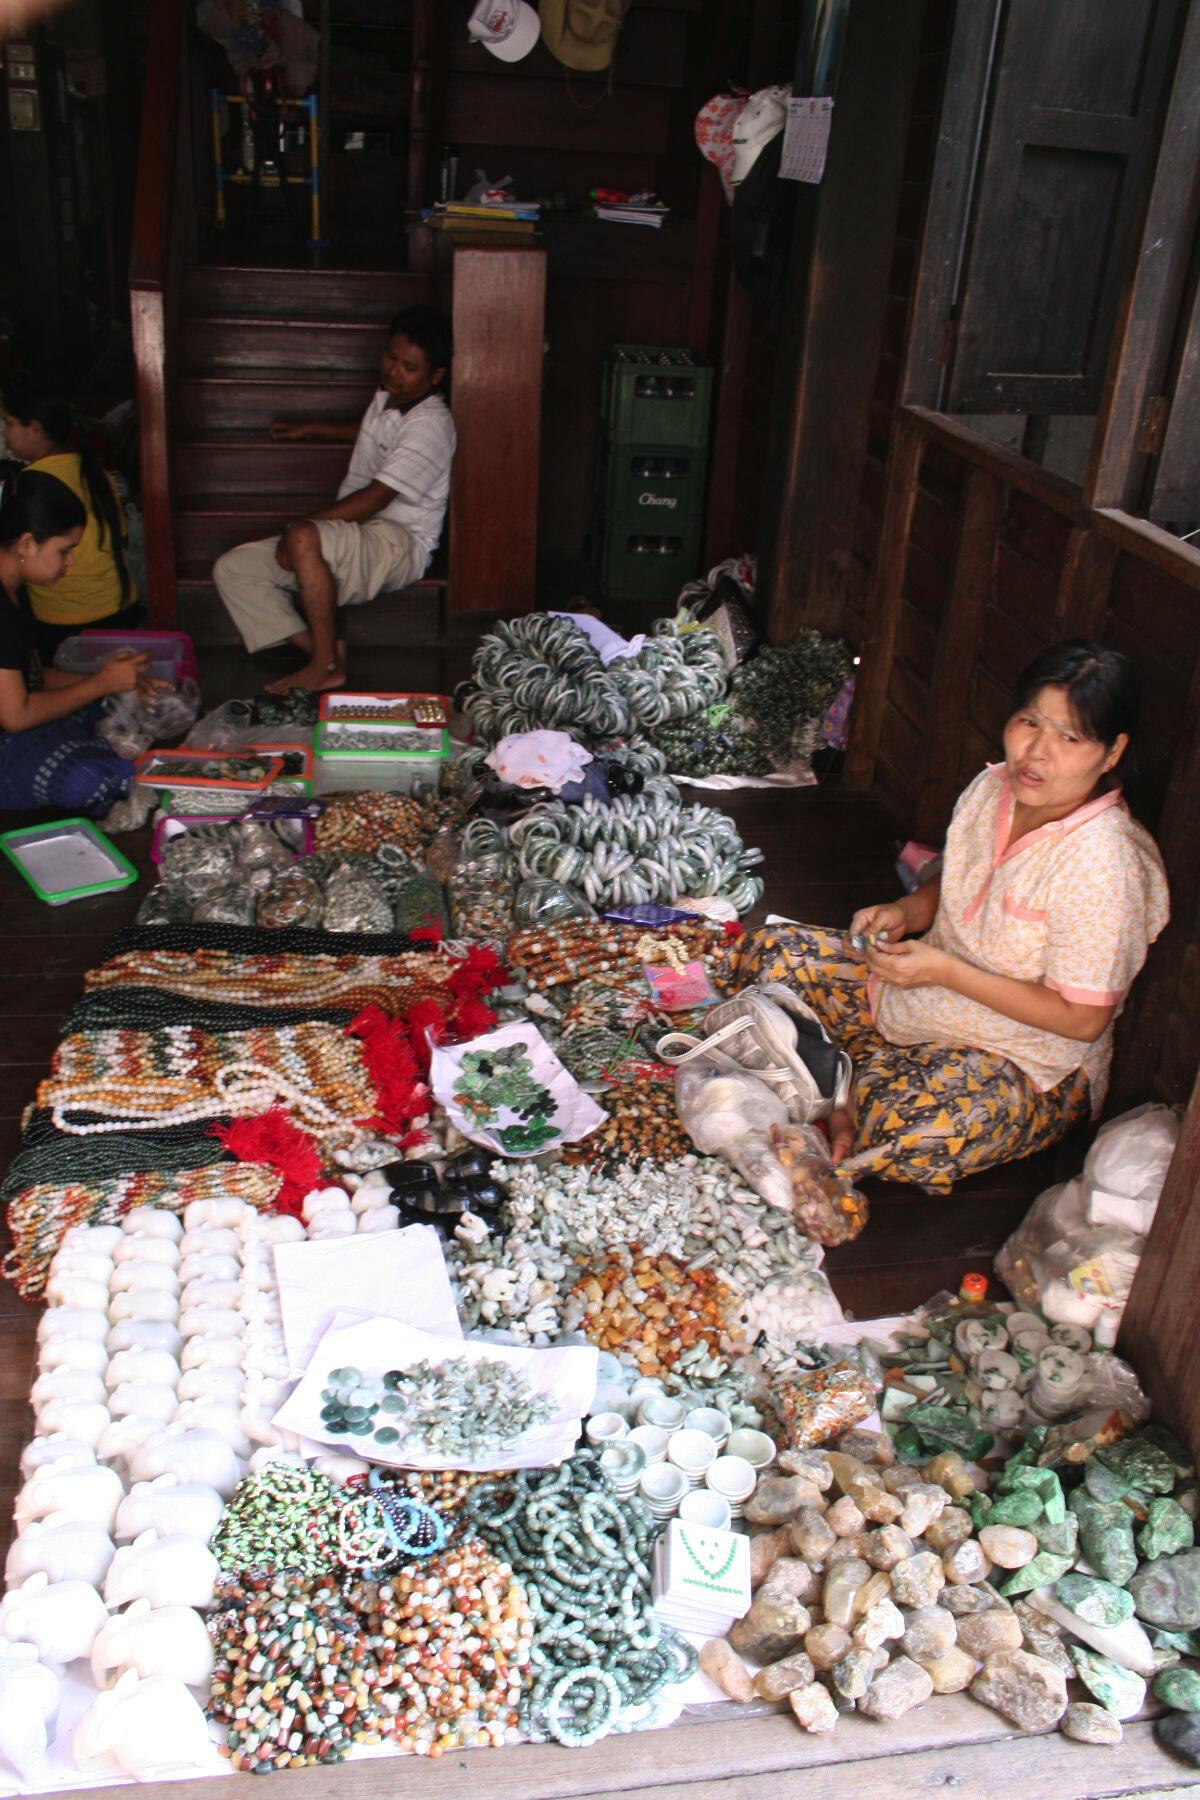 Une vendeuse de pierres semi-précieuses et précieuses d'origine birmane, à Mae Sot, à la frontière thaïlando-birmane.